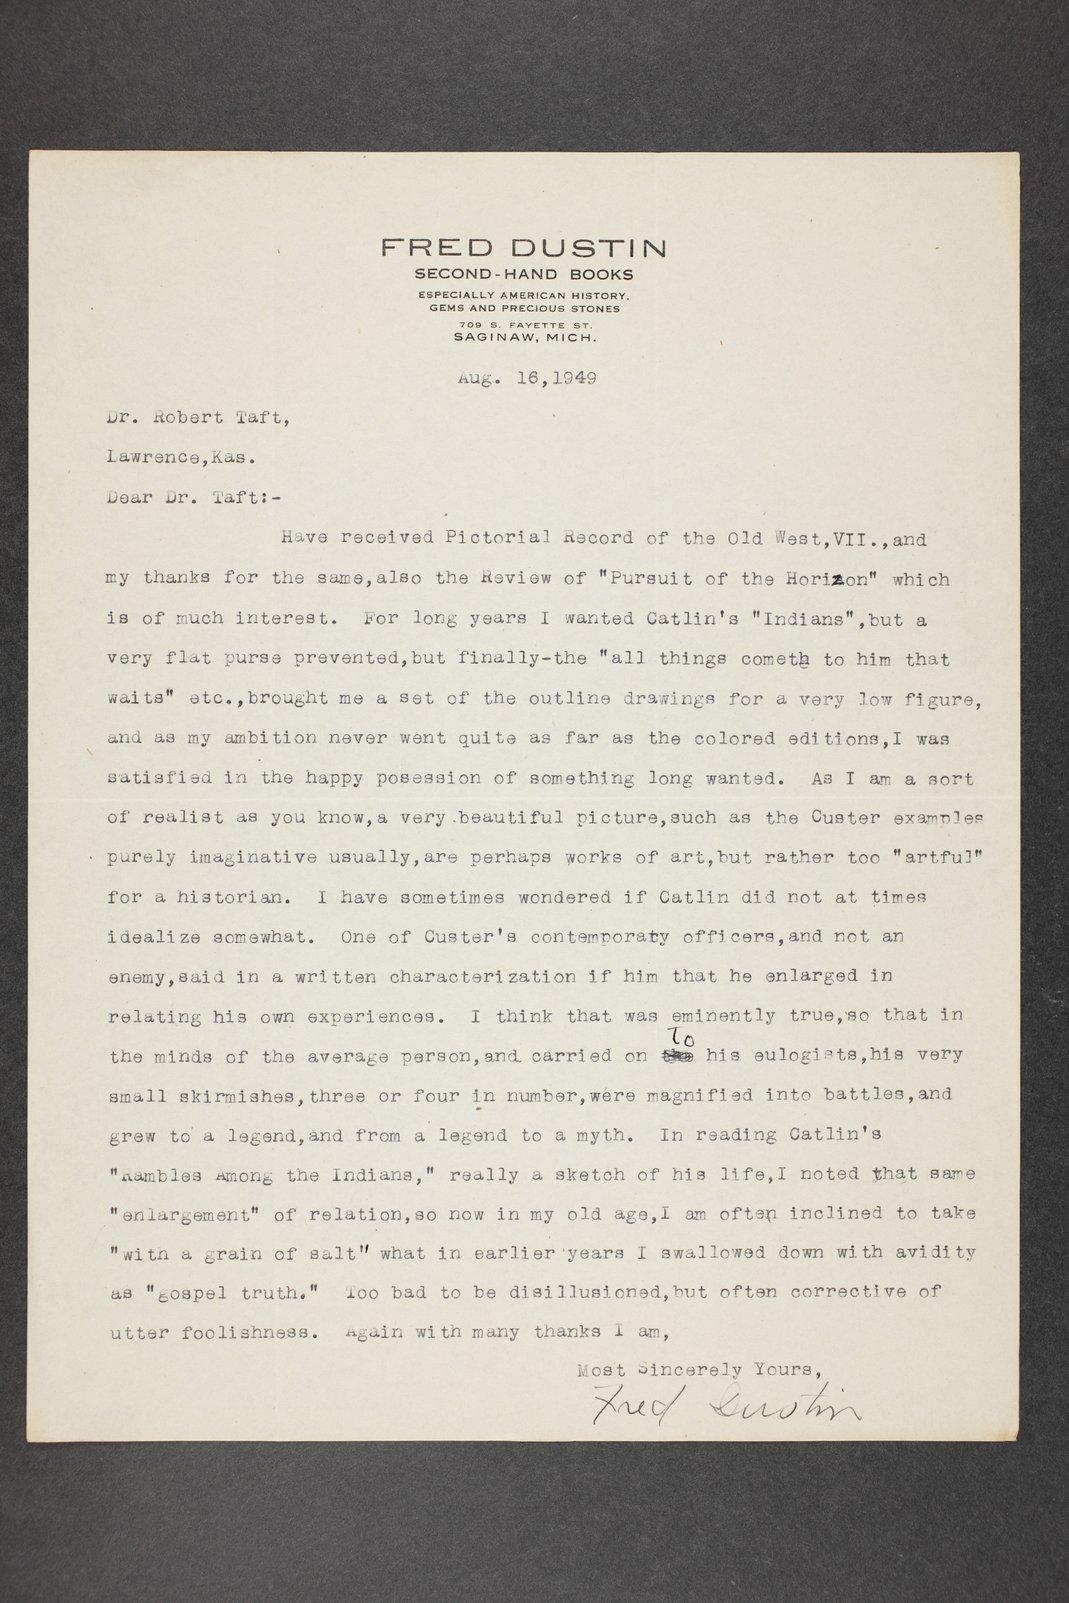 Robert Taft correspondence related to frontier artists, Catlin - Deming - 8